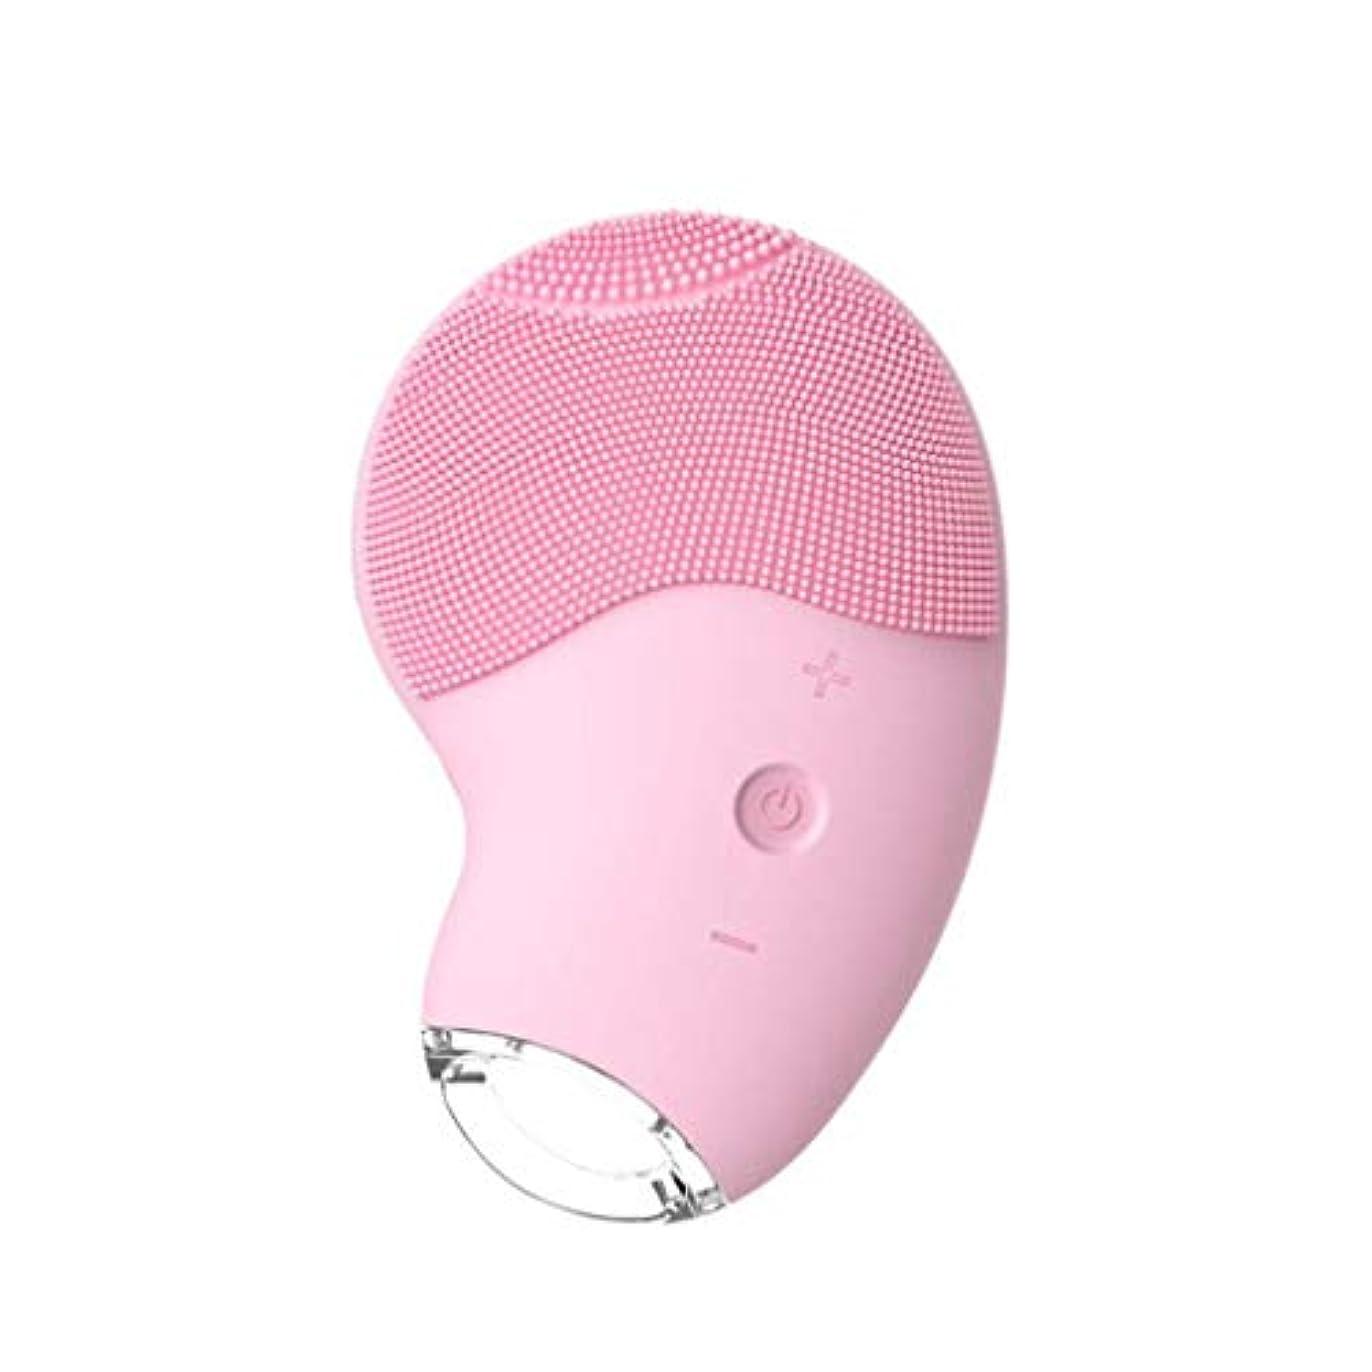 カジュアル包囲シガレット洗顔料、クレンジング器具、シリコンクレンジングブラシマッサージャー、USBパワーインターフェース充電、ディープクレンジング、なめらかな肌、肌をきれいにし、メラニンを軽減